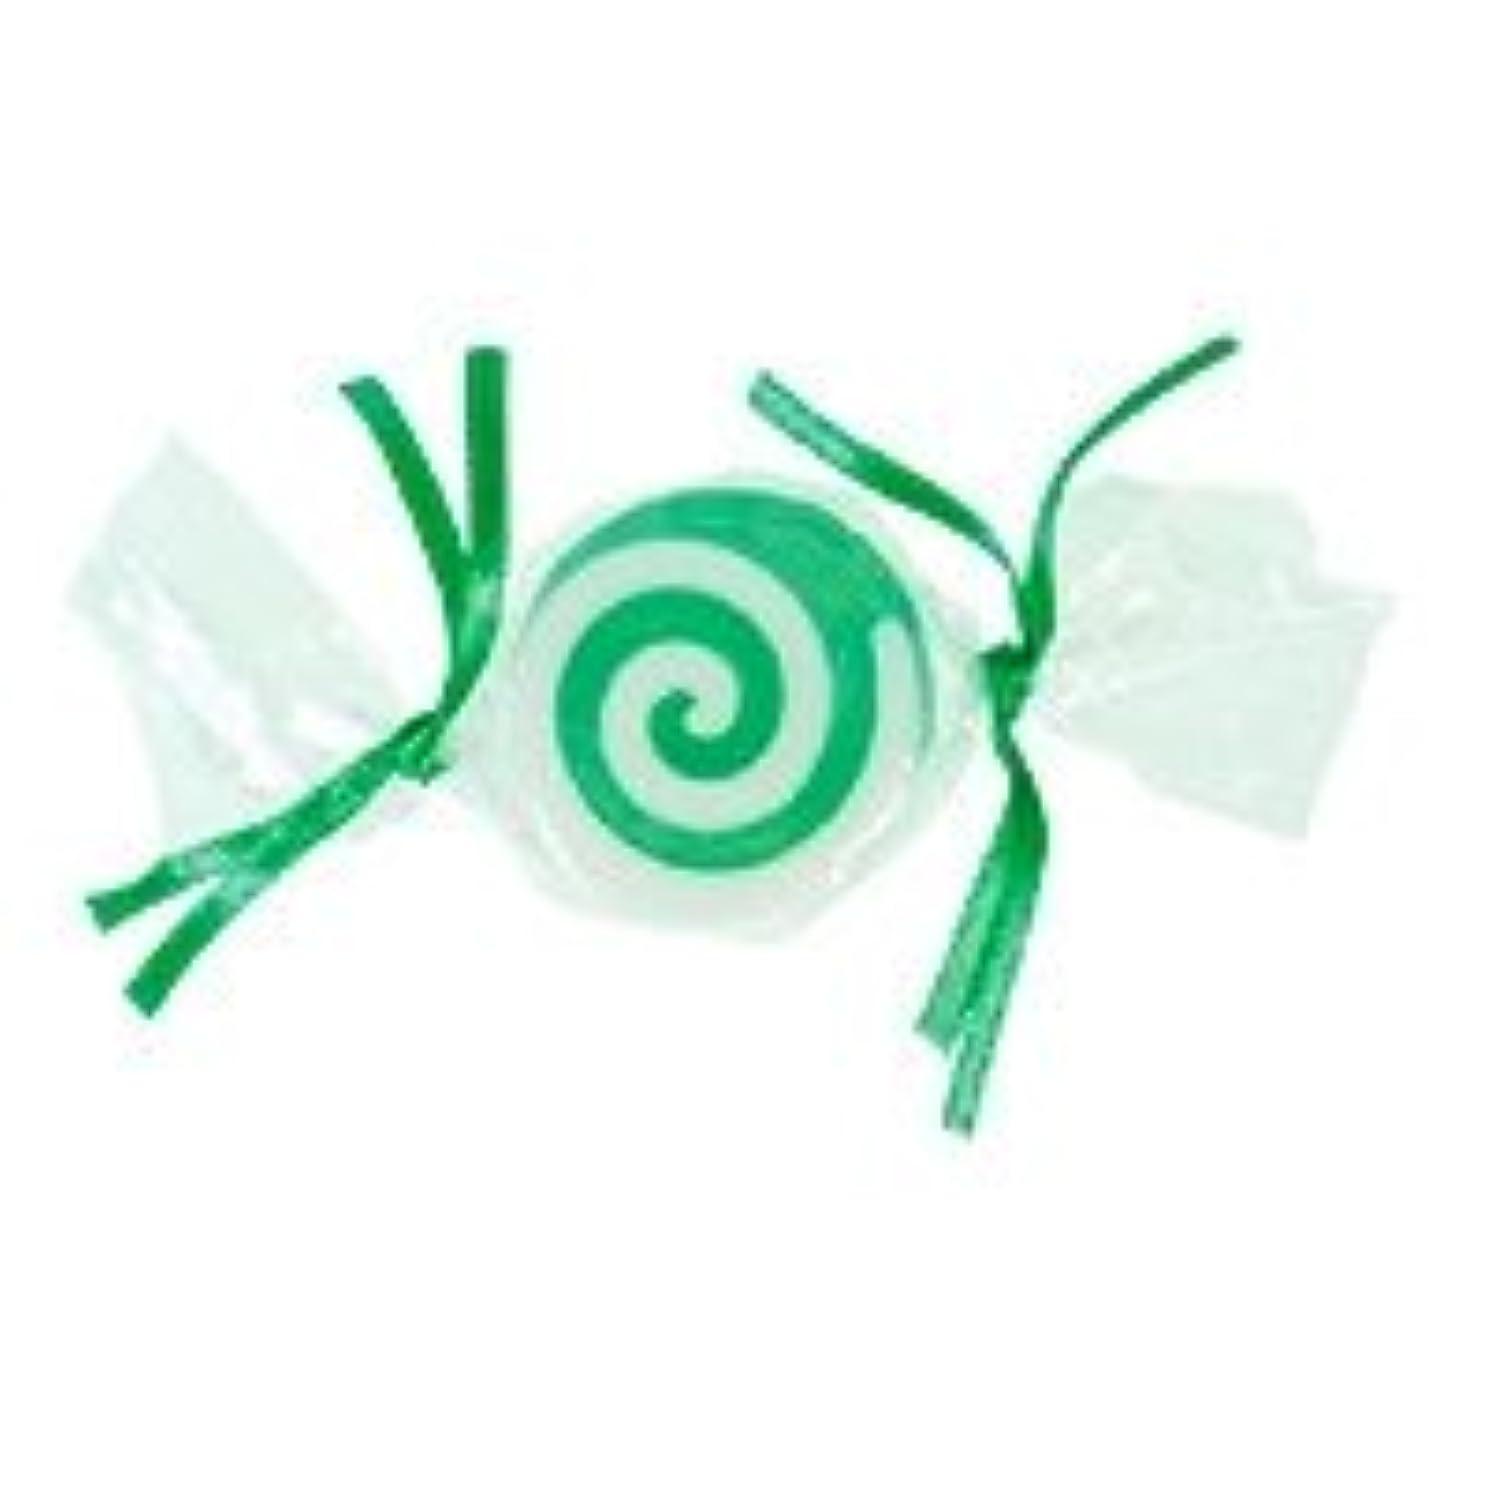 助言する資本押し下げるベジタブルソープ キャンディ「グリーン」20個セット グリーンアップルの香り